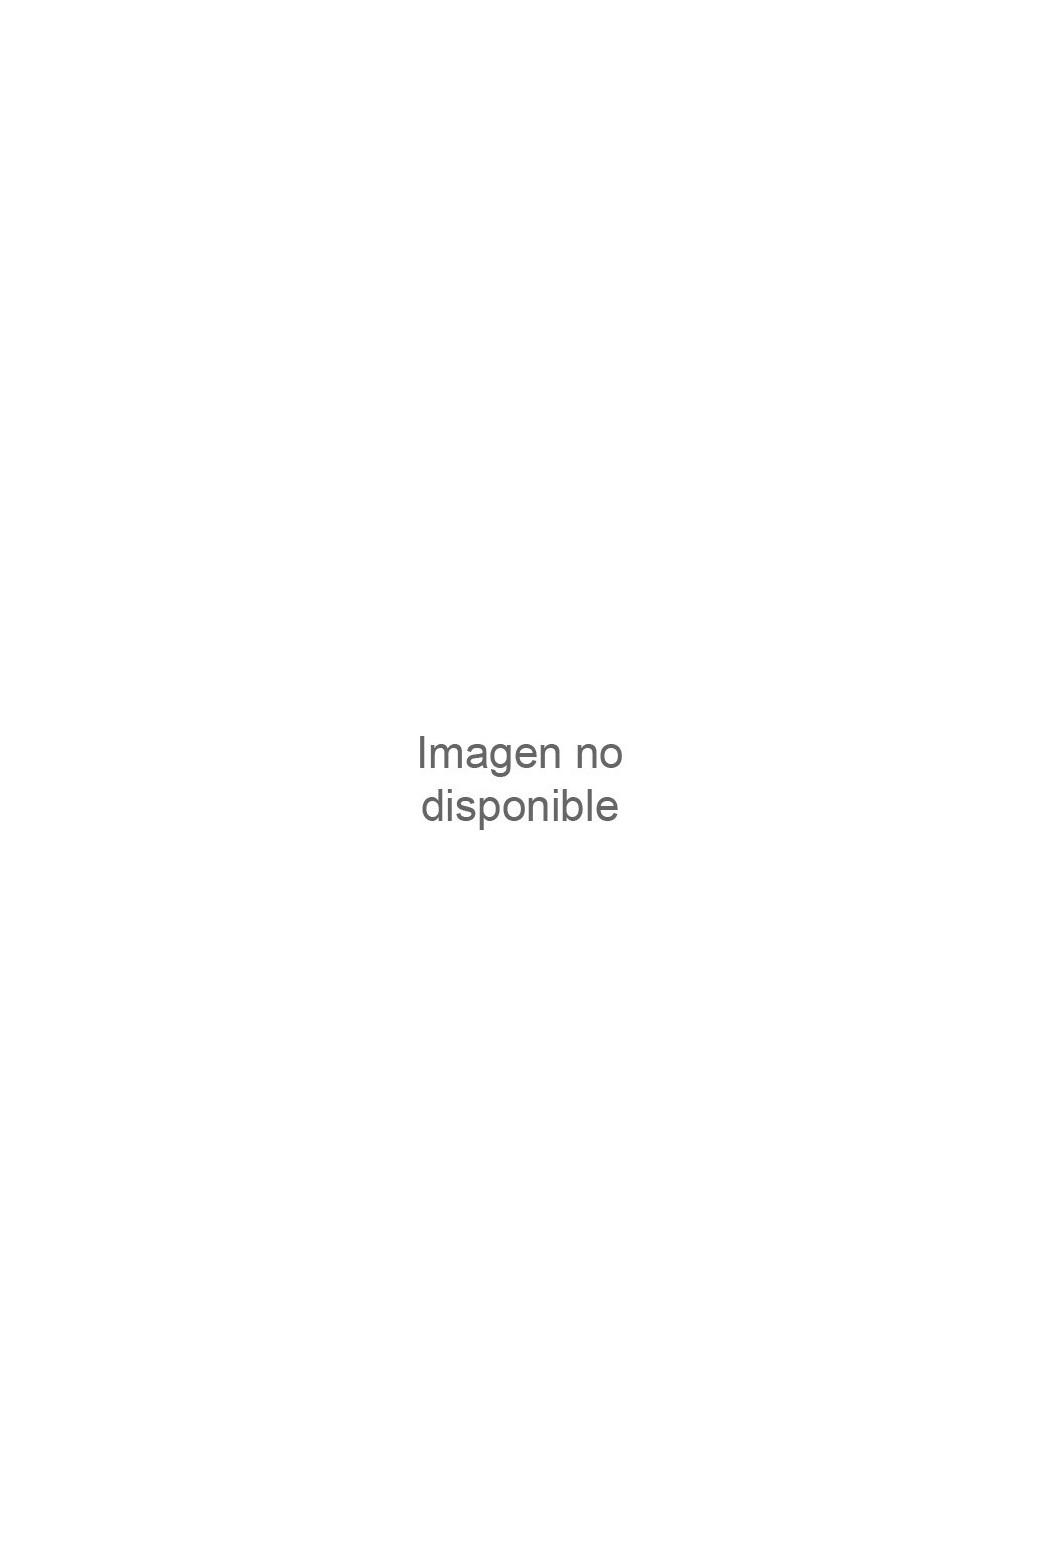 Mochila Calvin Klein premium reflectante Plateada